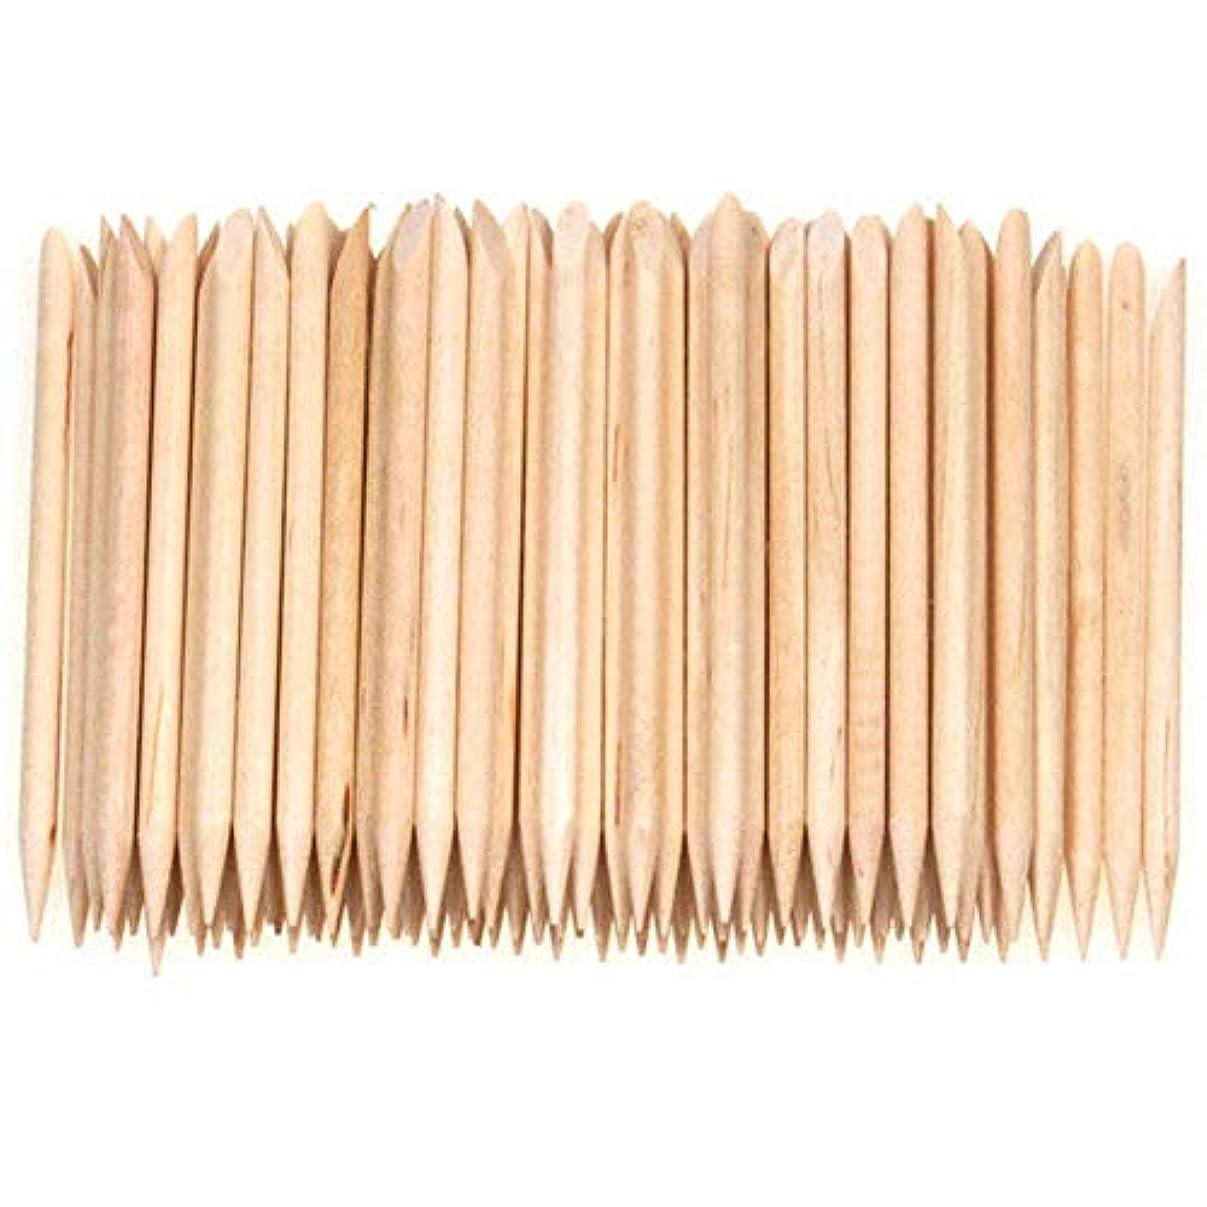 対応シャープテントSemoic 100個ネイルアートデザイン木製の棒キューティクルプッシャーリムーバーマニキュアケア